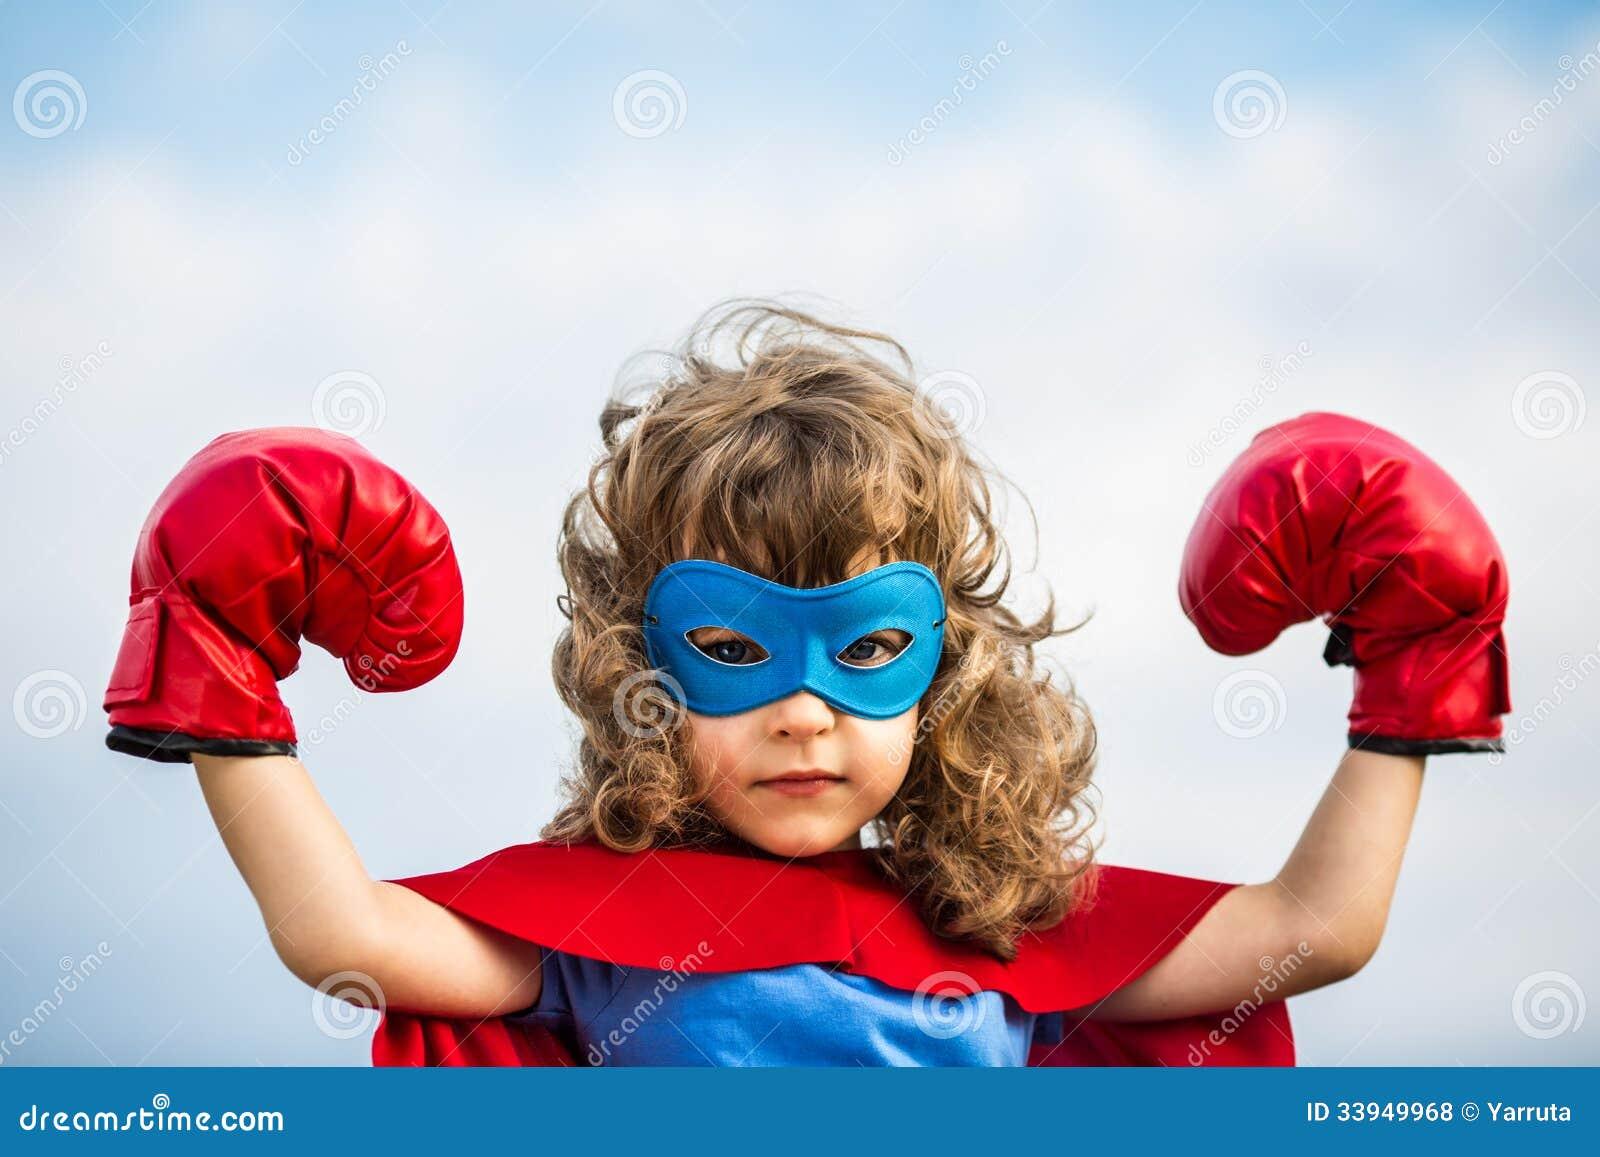 Criança do super-herói. Conceito do poder da menina